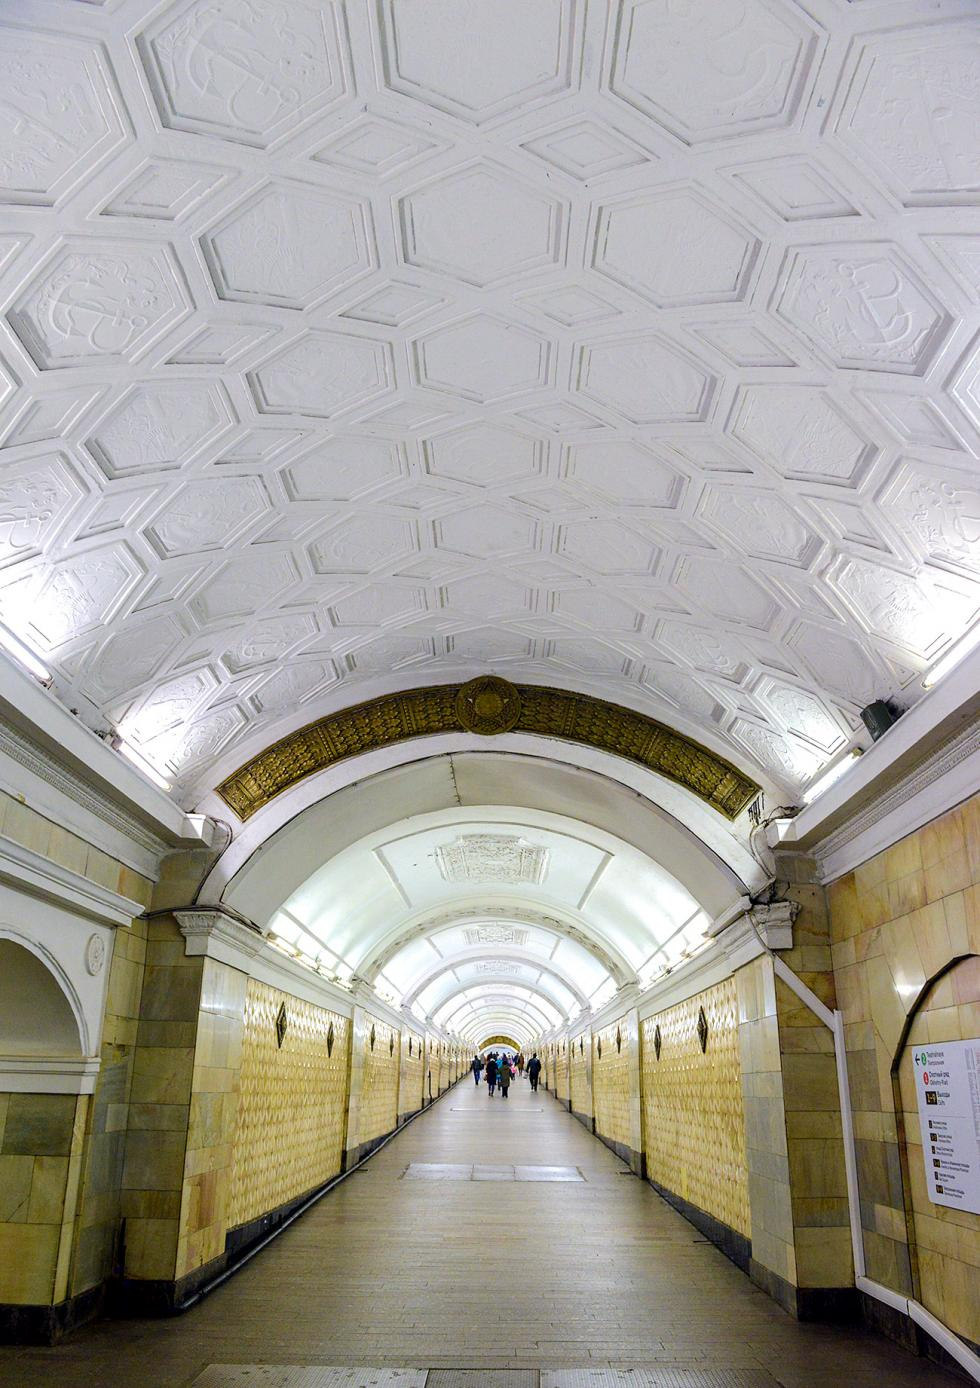 莫斯科地铁剧院站。 图片来源:Nikolai Galkin/塔斯社